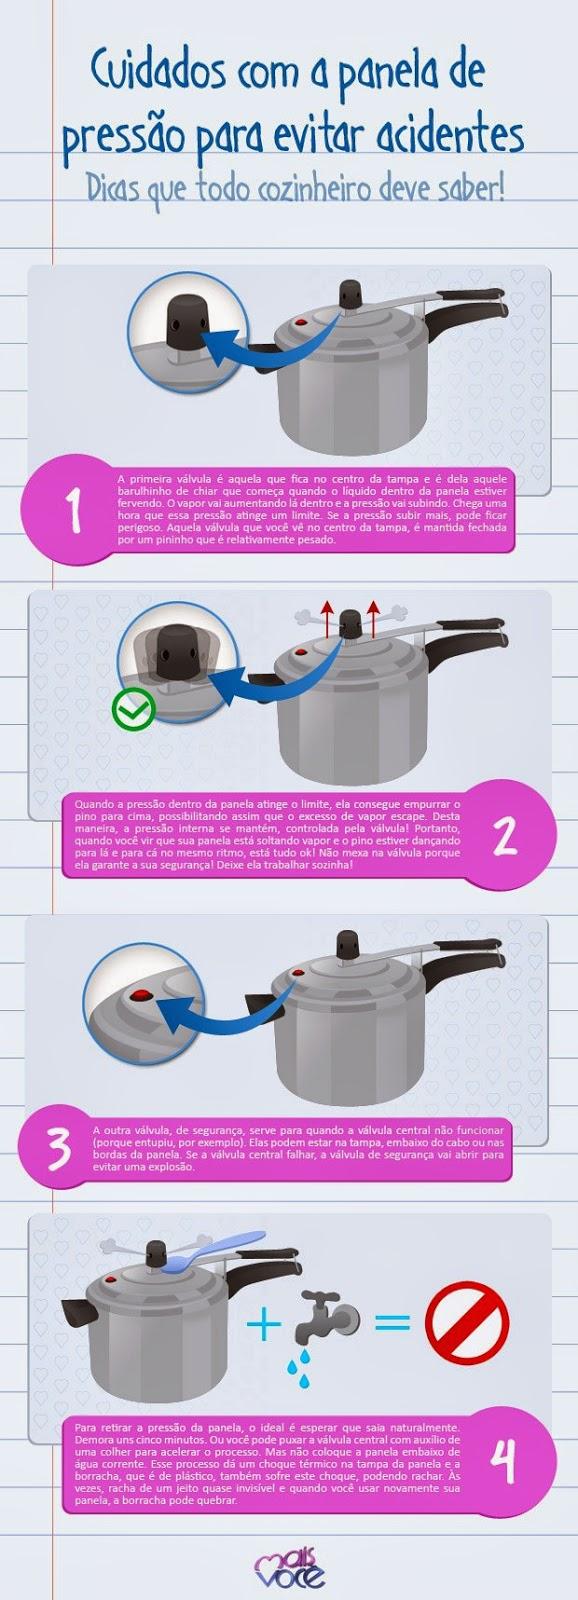 Infográfico do Mais Você sobre como usar de forma segura uma panela de pressão.